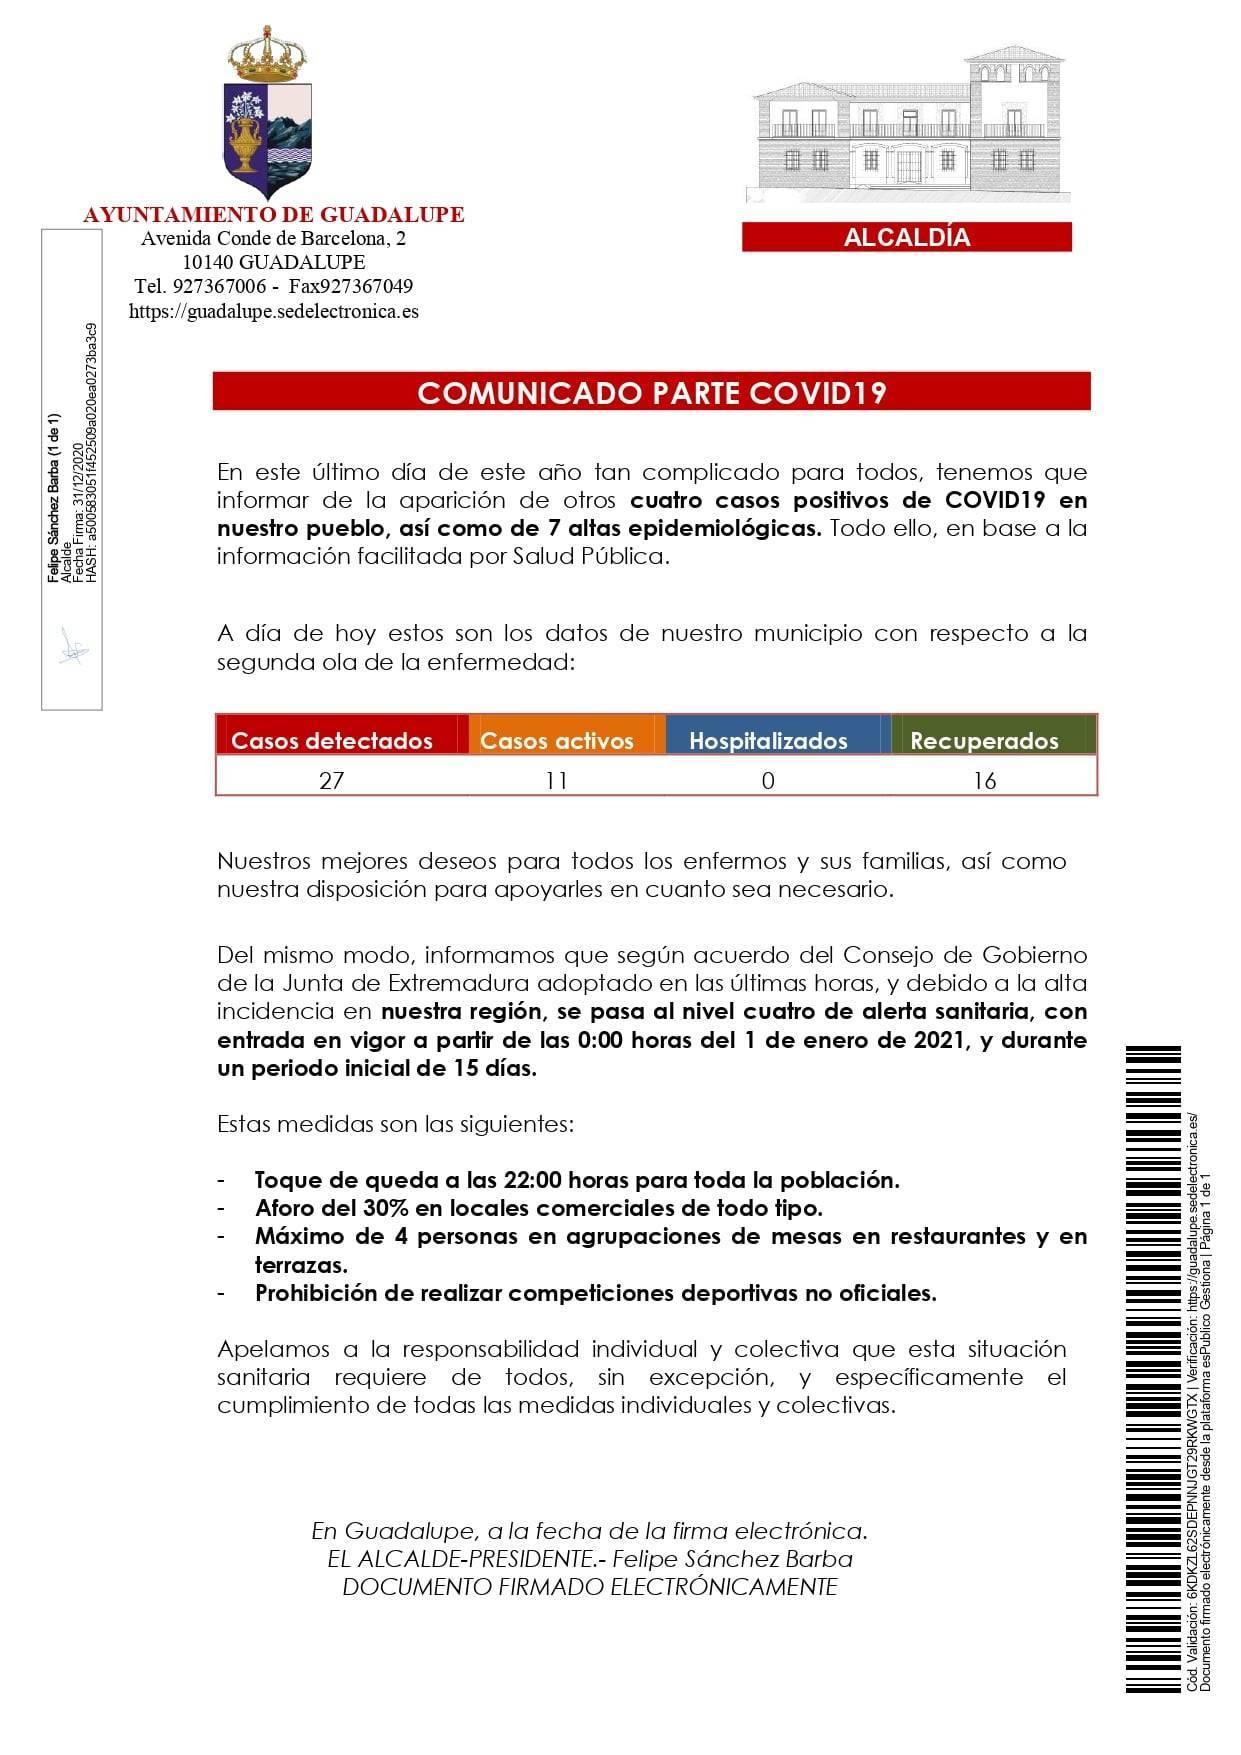 4 nuevos positivos y 7 altas de COVID-19 (diciembre 2020) - Guadalupe (Cáceres)